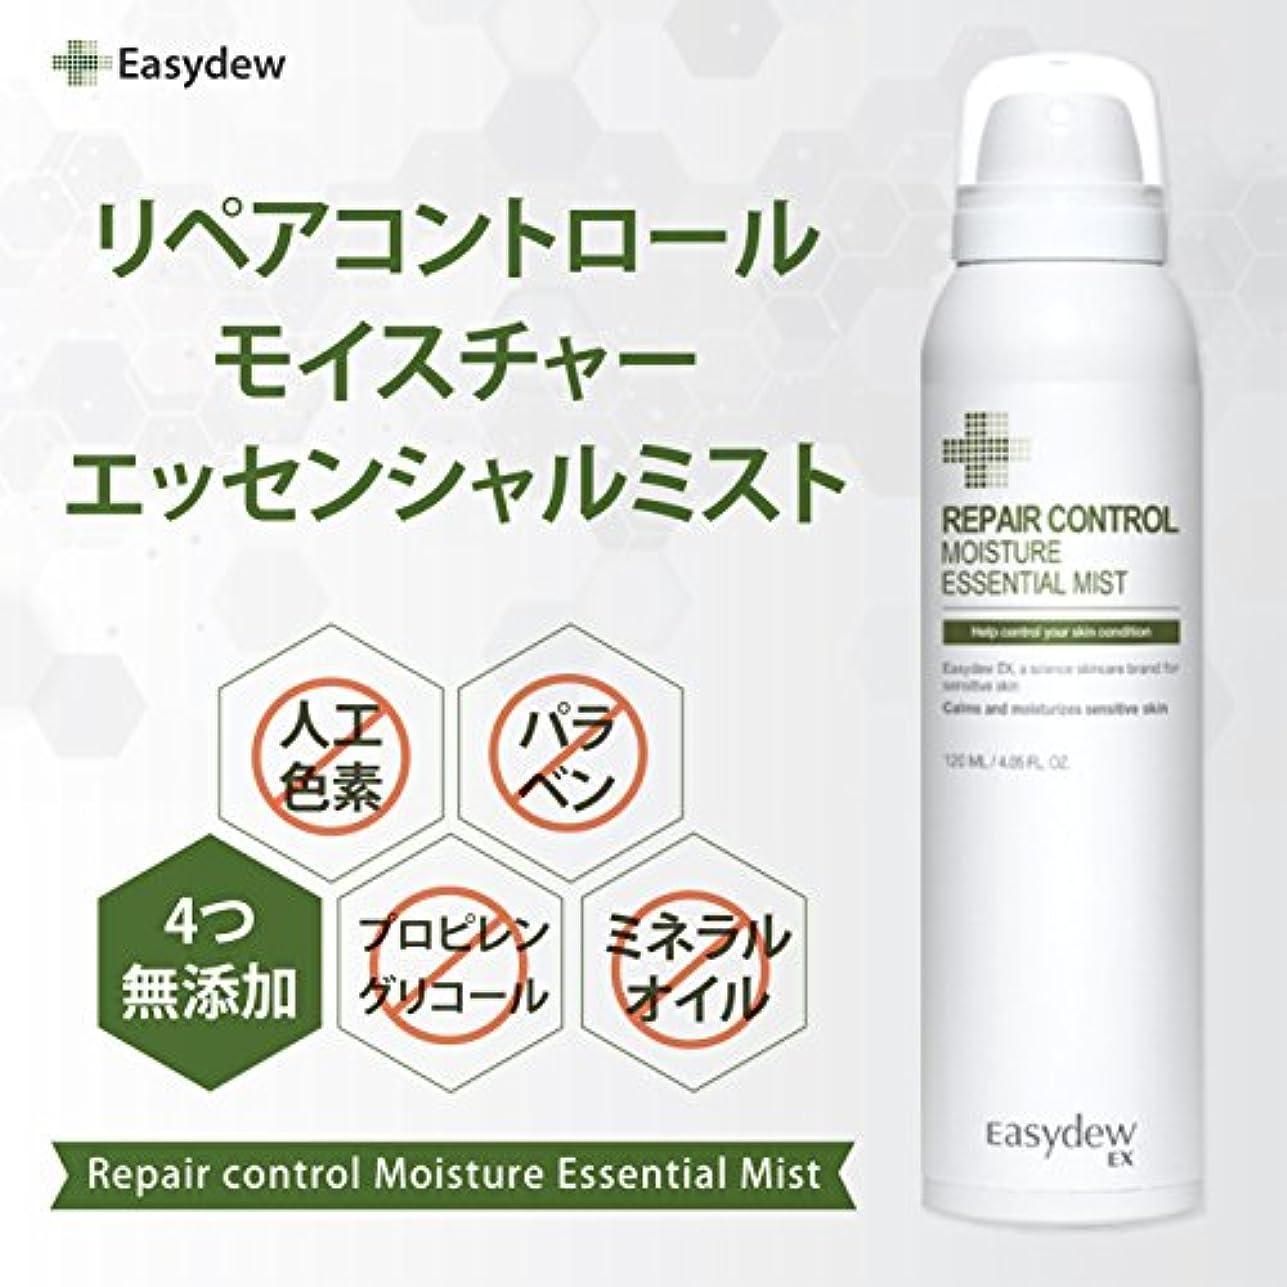 ボトル回転する批判的にEASYDEW EX リペア コントロール モイスチャー エッセンシャル ミスト Repair Control Moisture Essential Mist 120ml